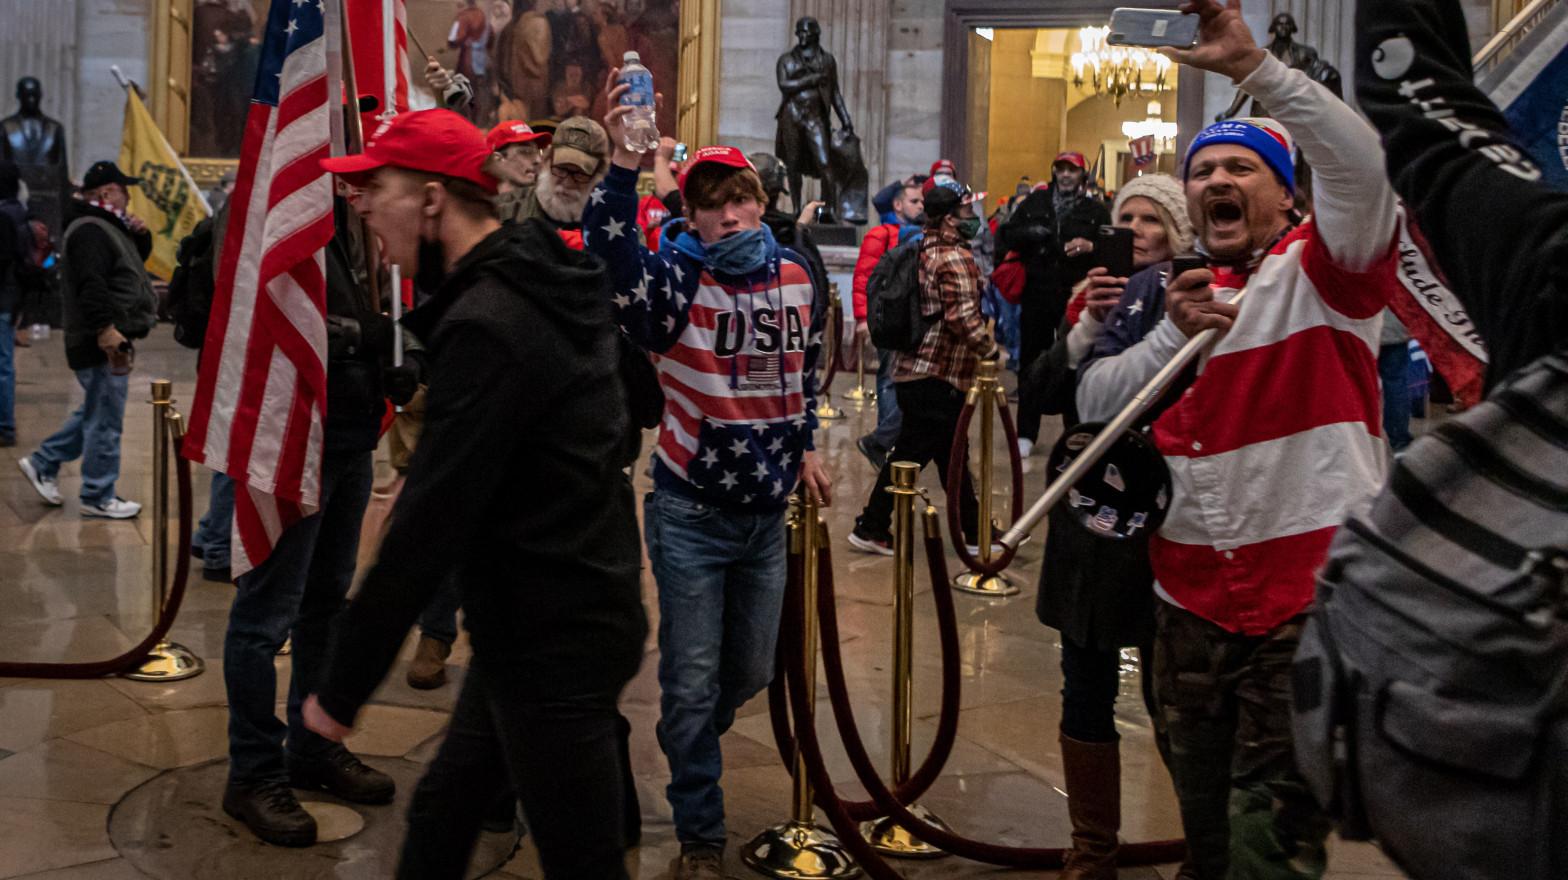 El FBI detiene a un funcionario de Donald Trump por el asalto al Capitolio